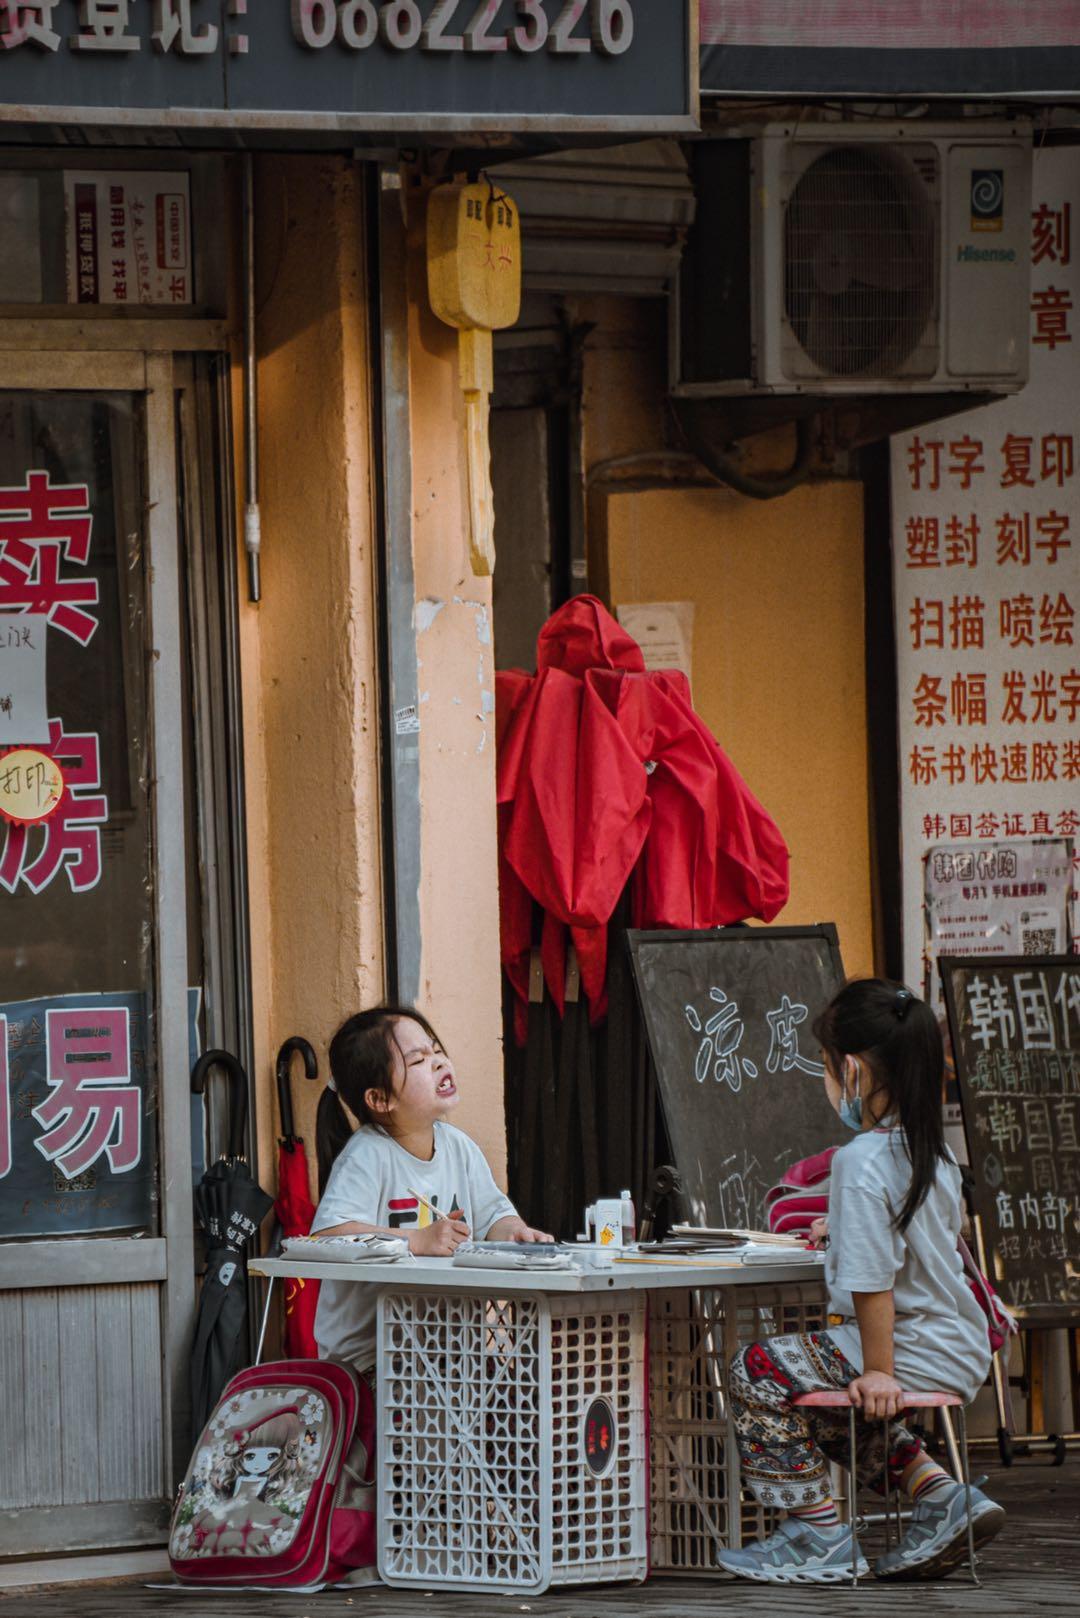 ⑥群 山东青岛-紫梦幽笛 《街头》 Nikon.jpg